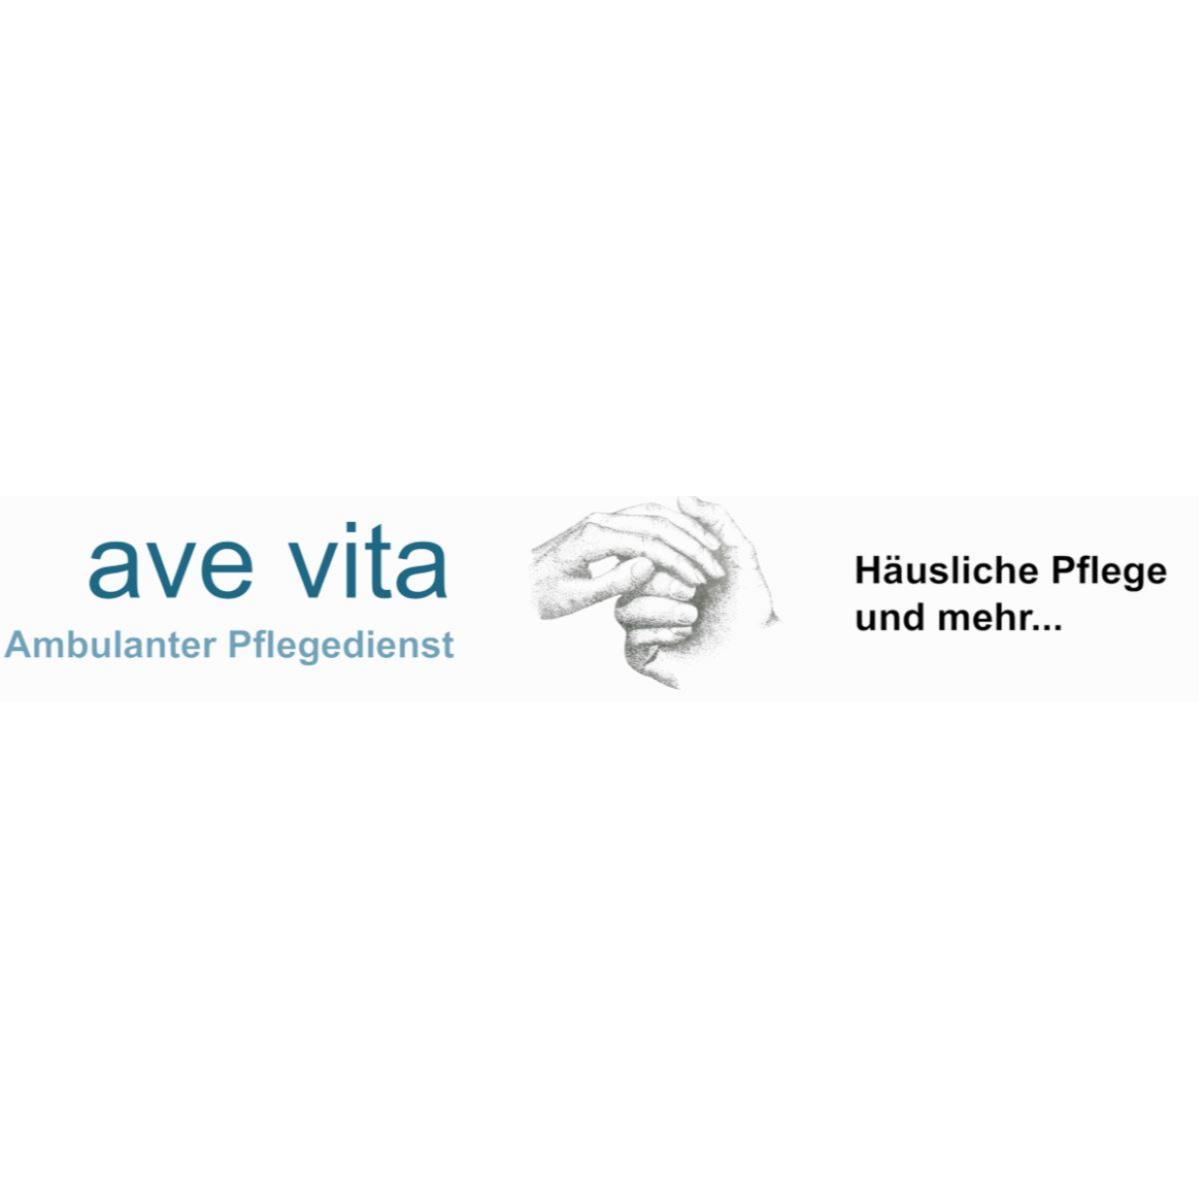 Bild zu AVE VITA GmbH Pflegedienst in Bad Homburg vor der Höhe